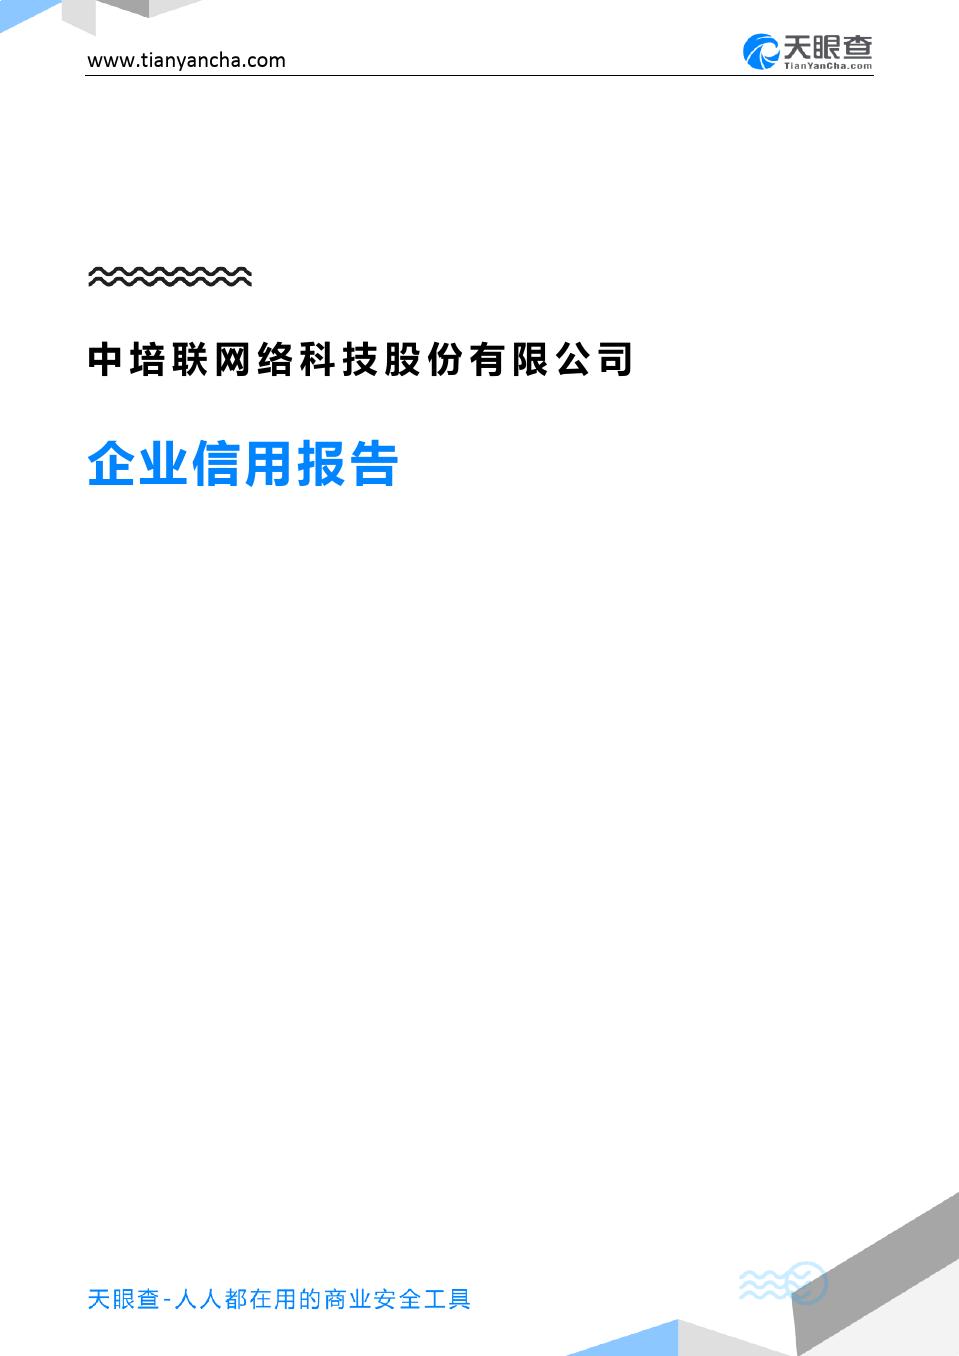 中培联网络科技股份有限公司(企业信用报告)- 天眼查